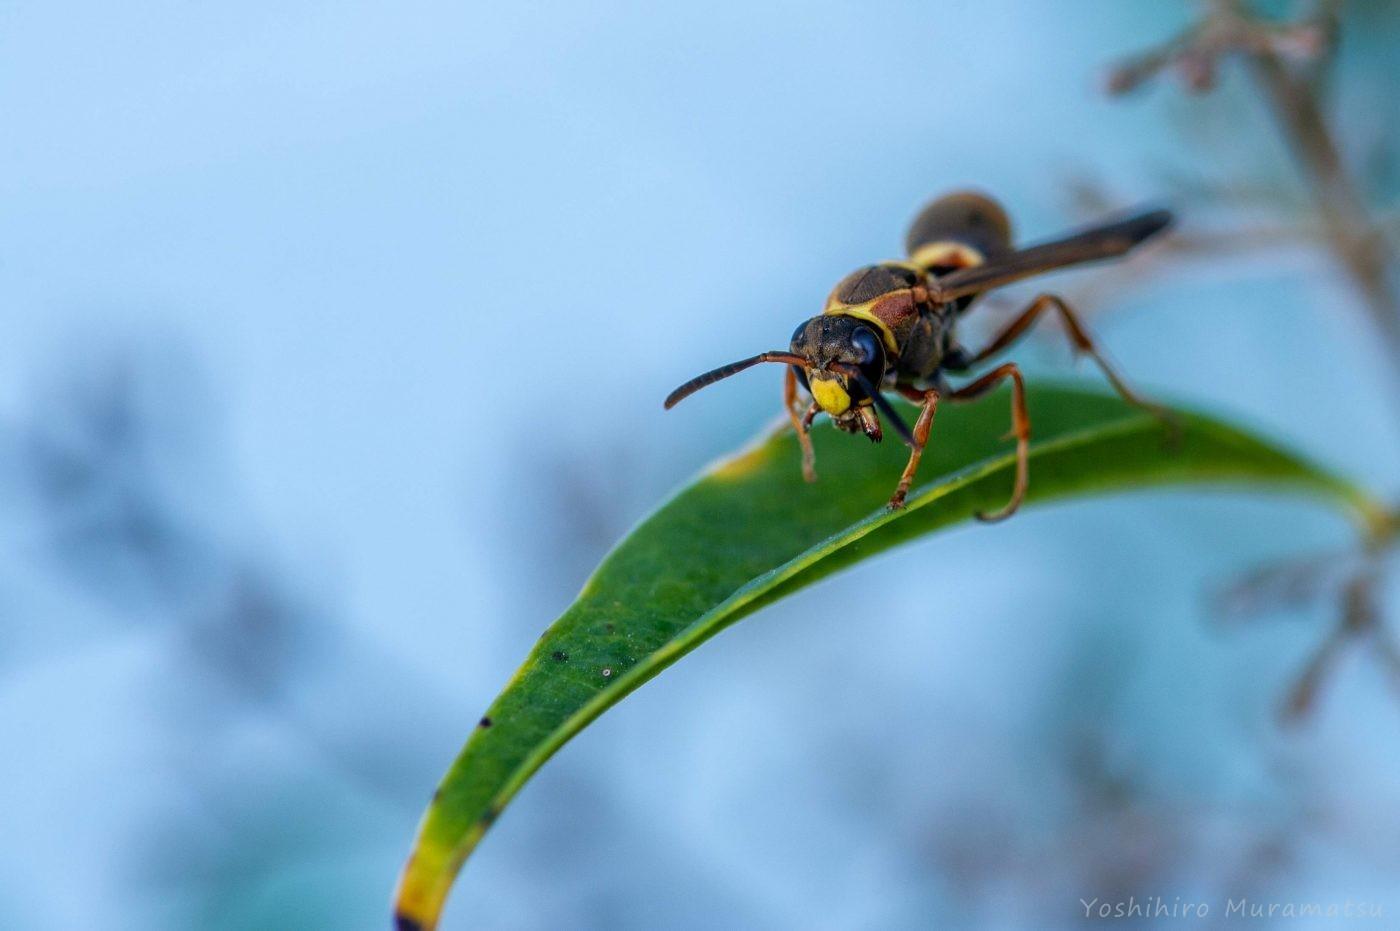 コアシナガバチの写真